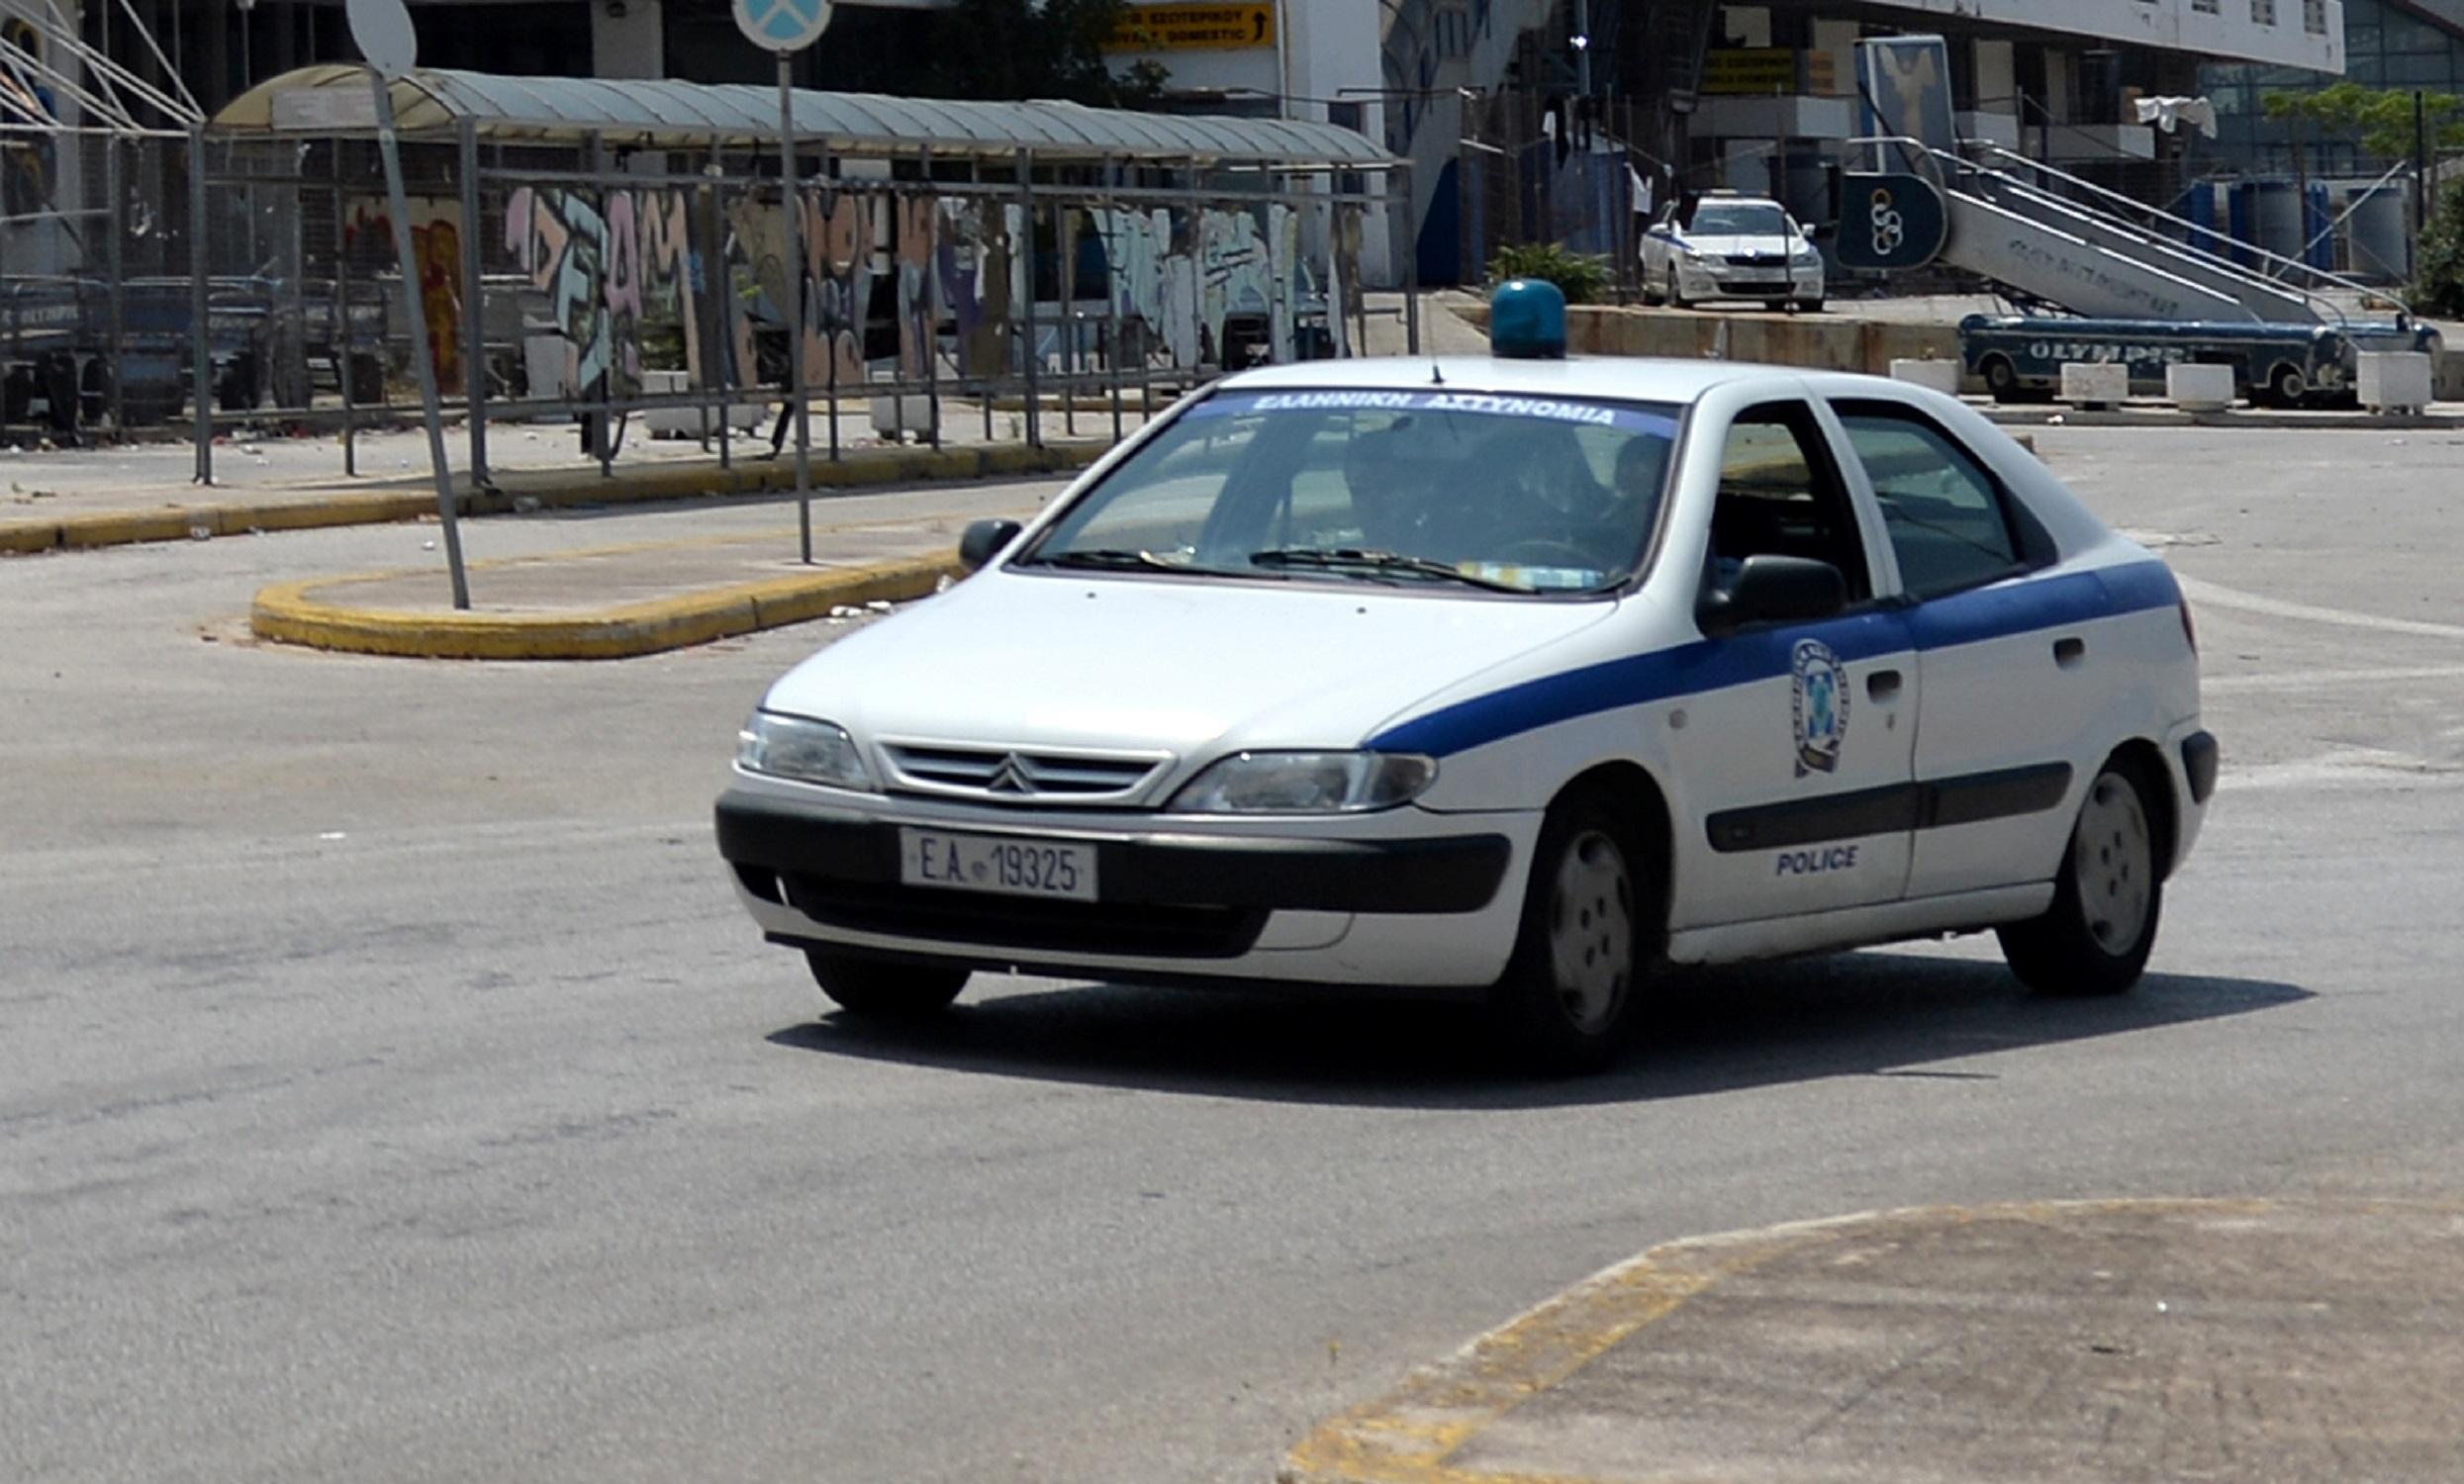 Ηράκλειο: Κατηγορείται και ανήλικος για την ανθρωποκτονία στο Τυμπάκι